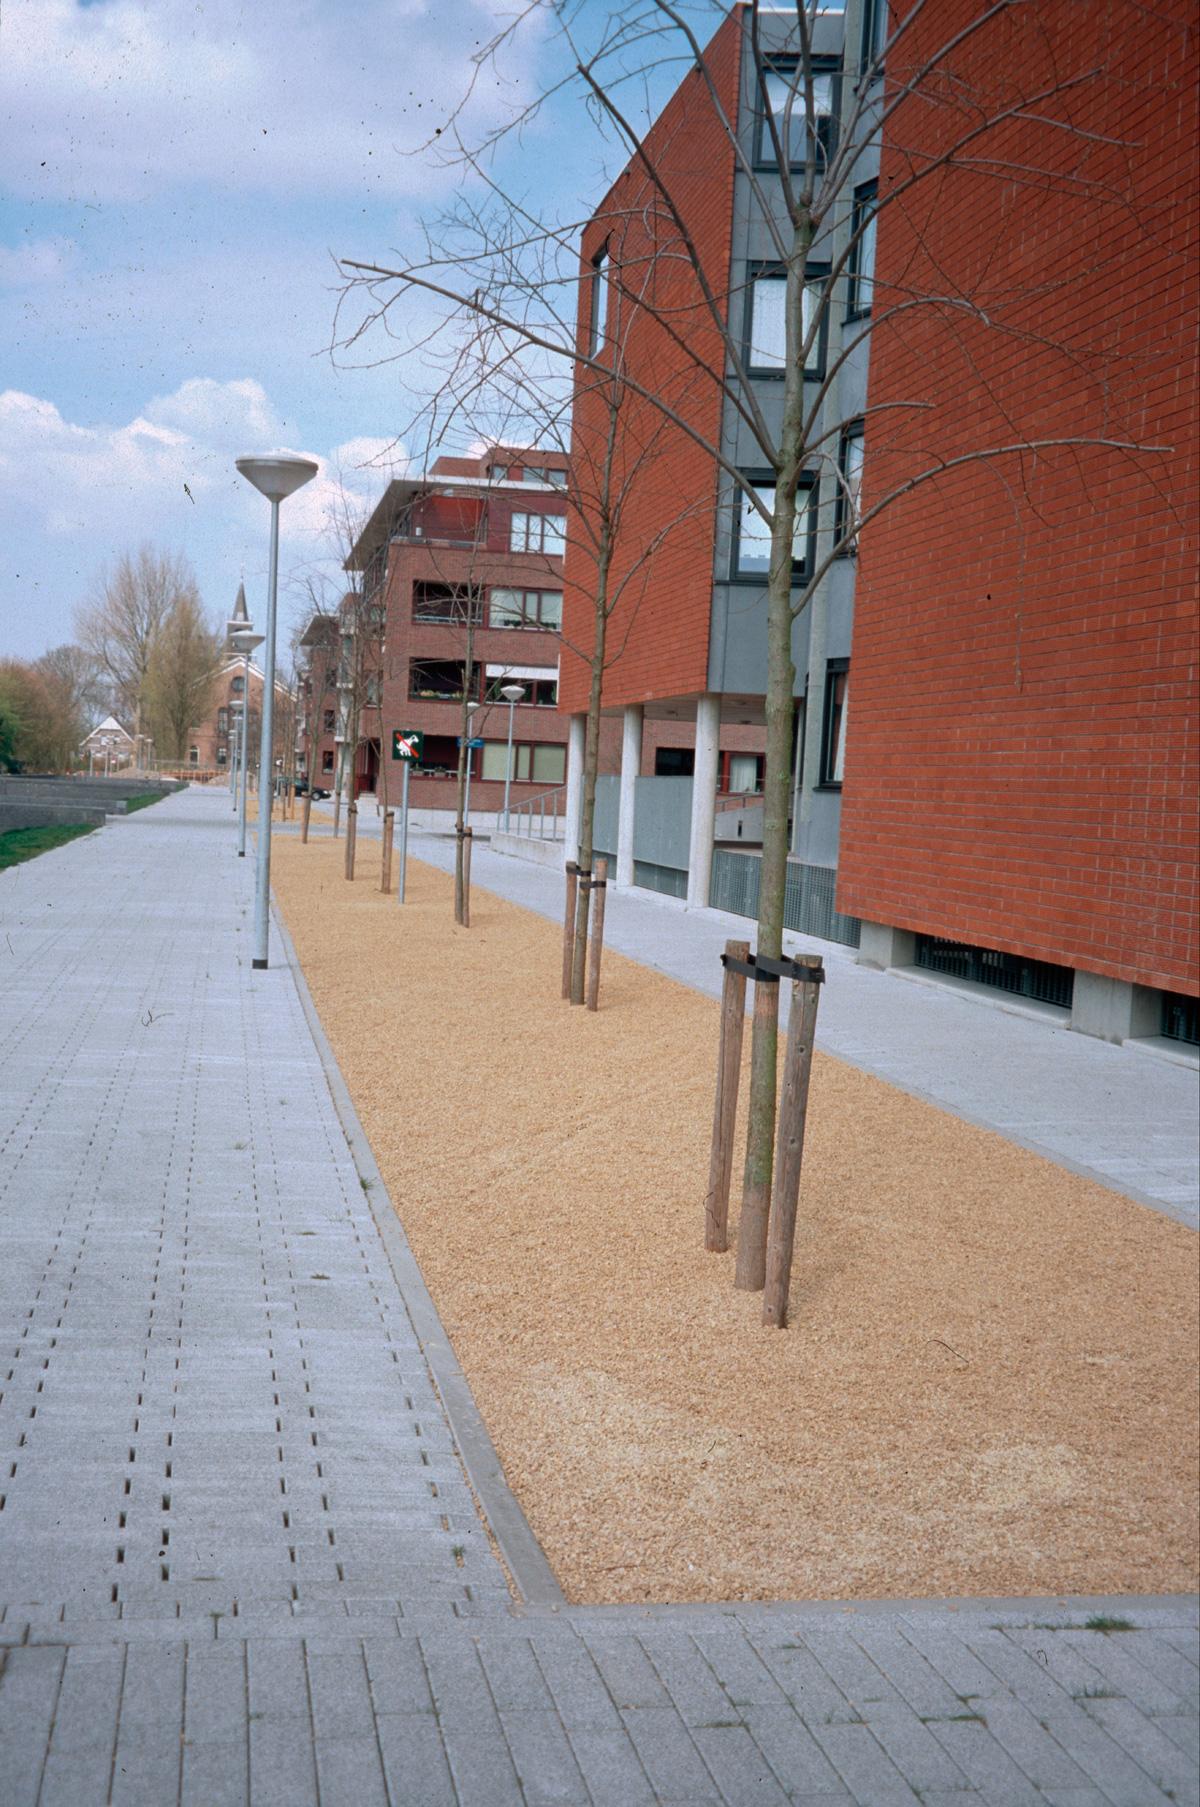 diekman-Landschapsarchitecten_Hoofddorp-centrum_materialenvoorstel_foto1